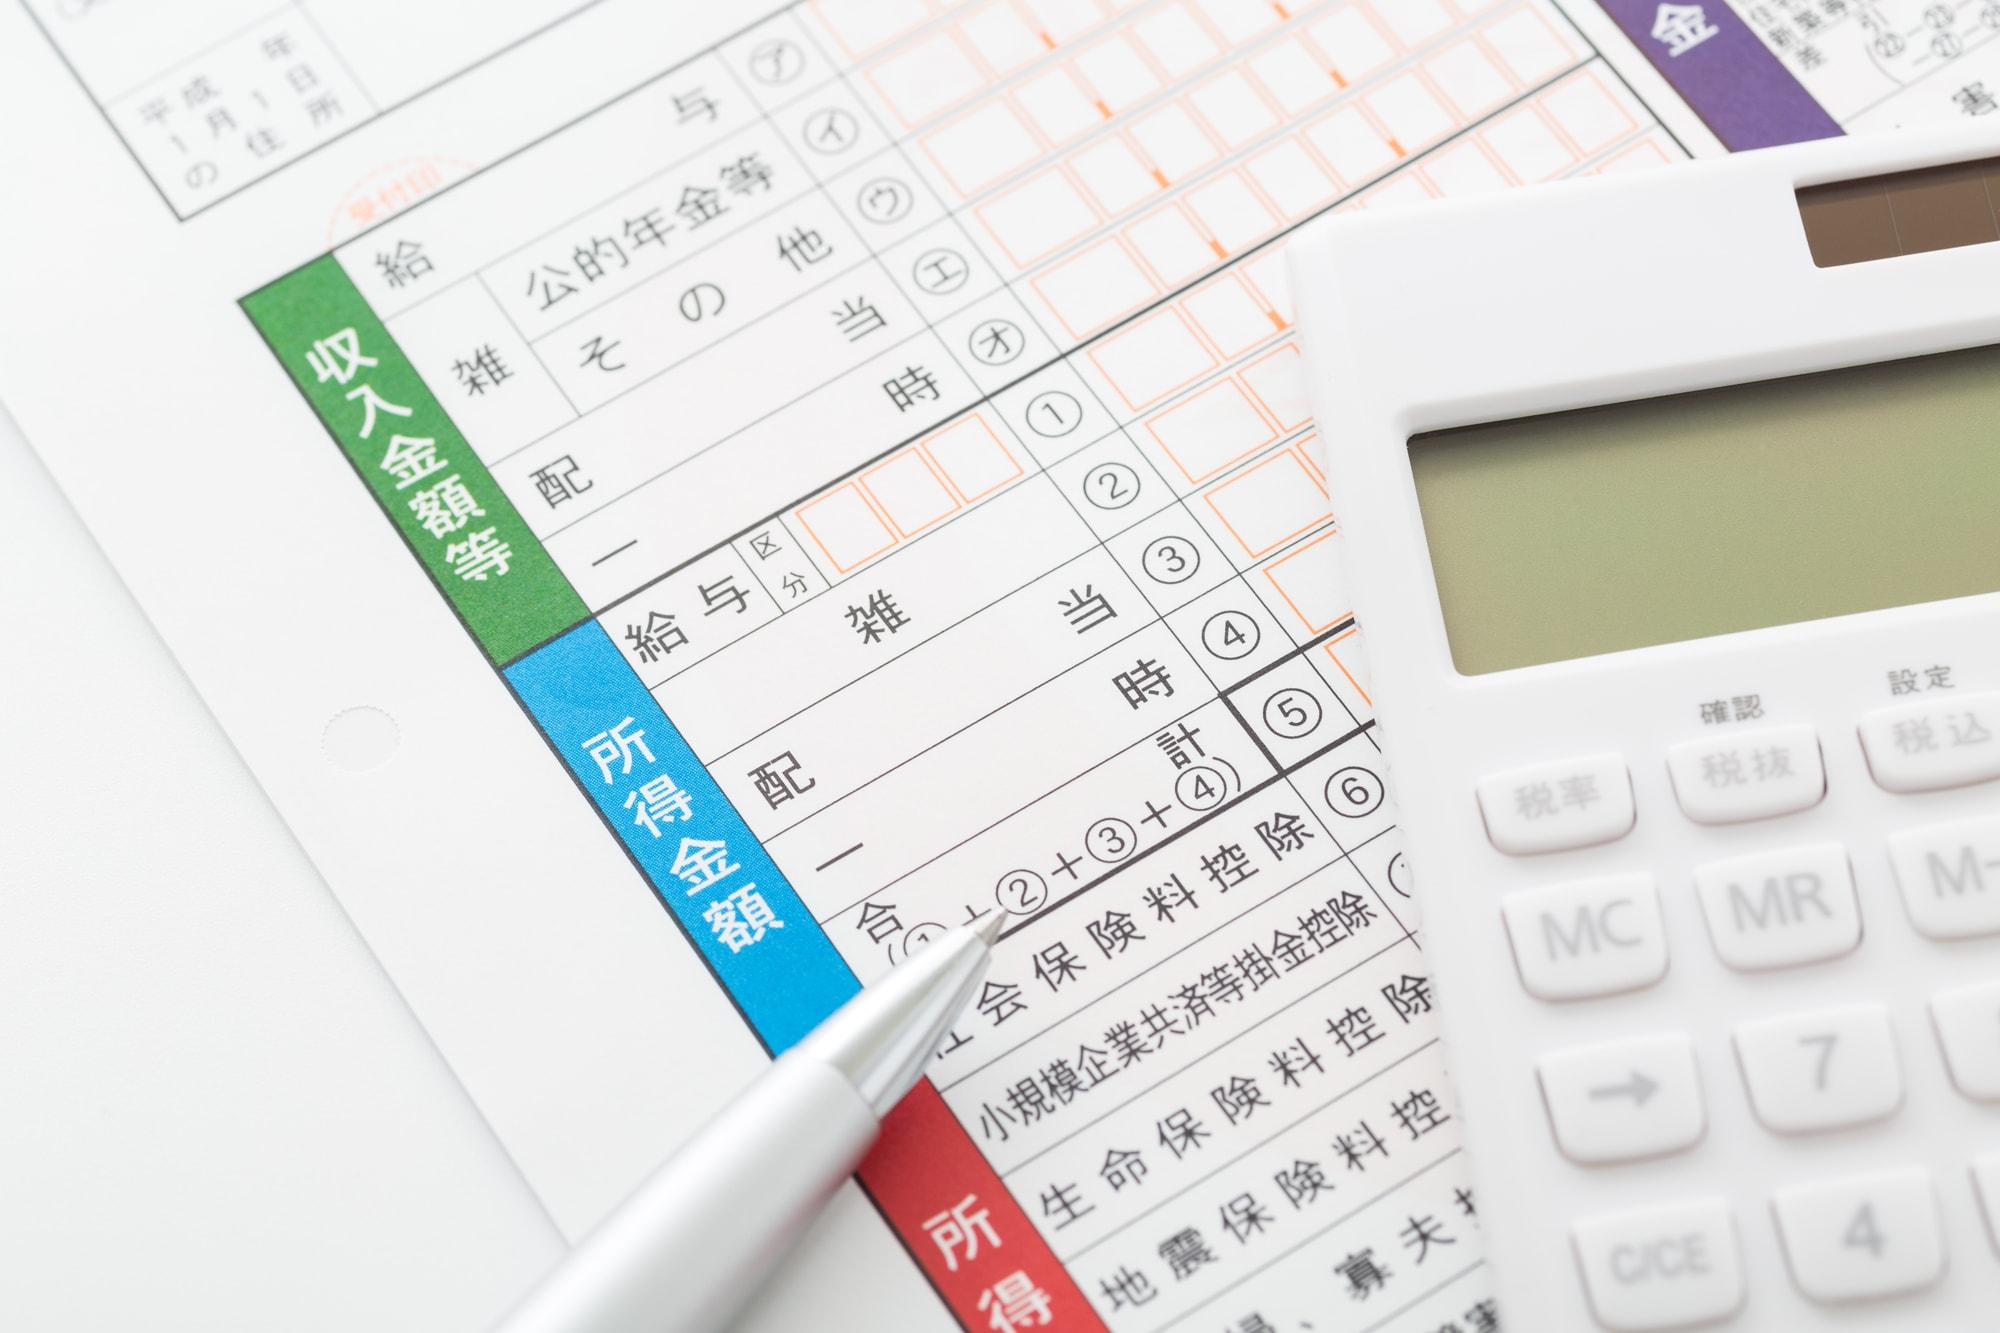 住宅 ローン 確定 申告 住宅ローン控除を受ける方へ:令和2年分 確定申告特集